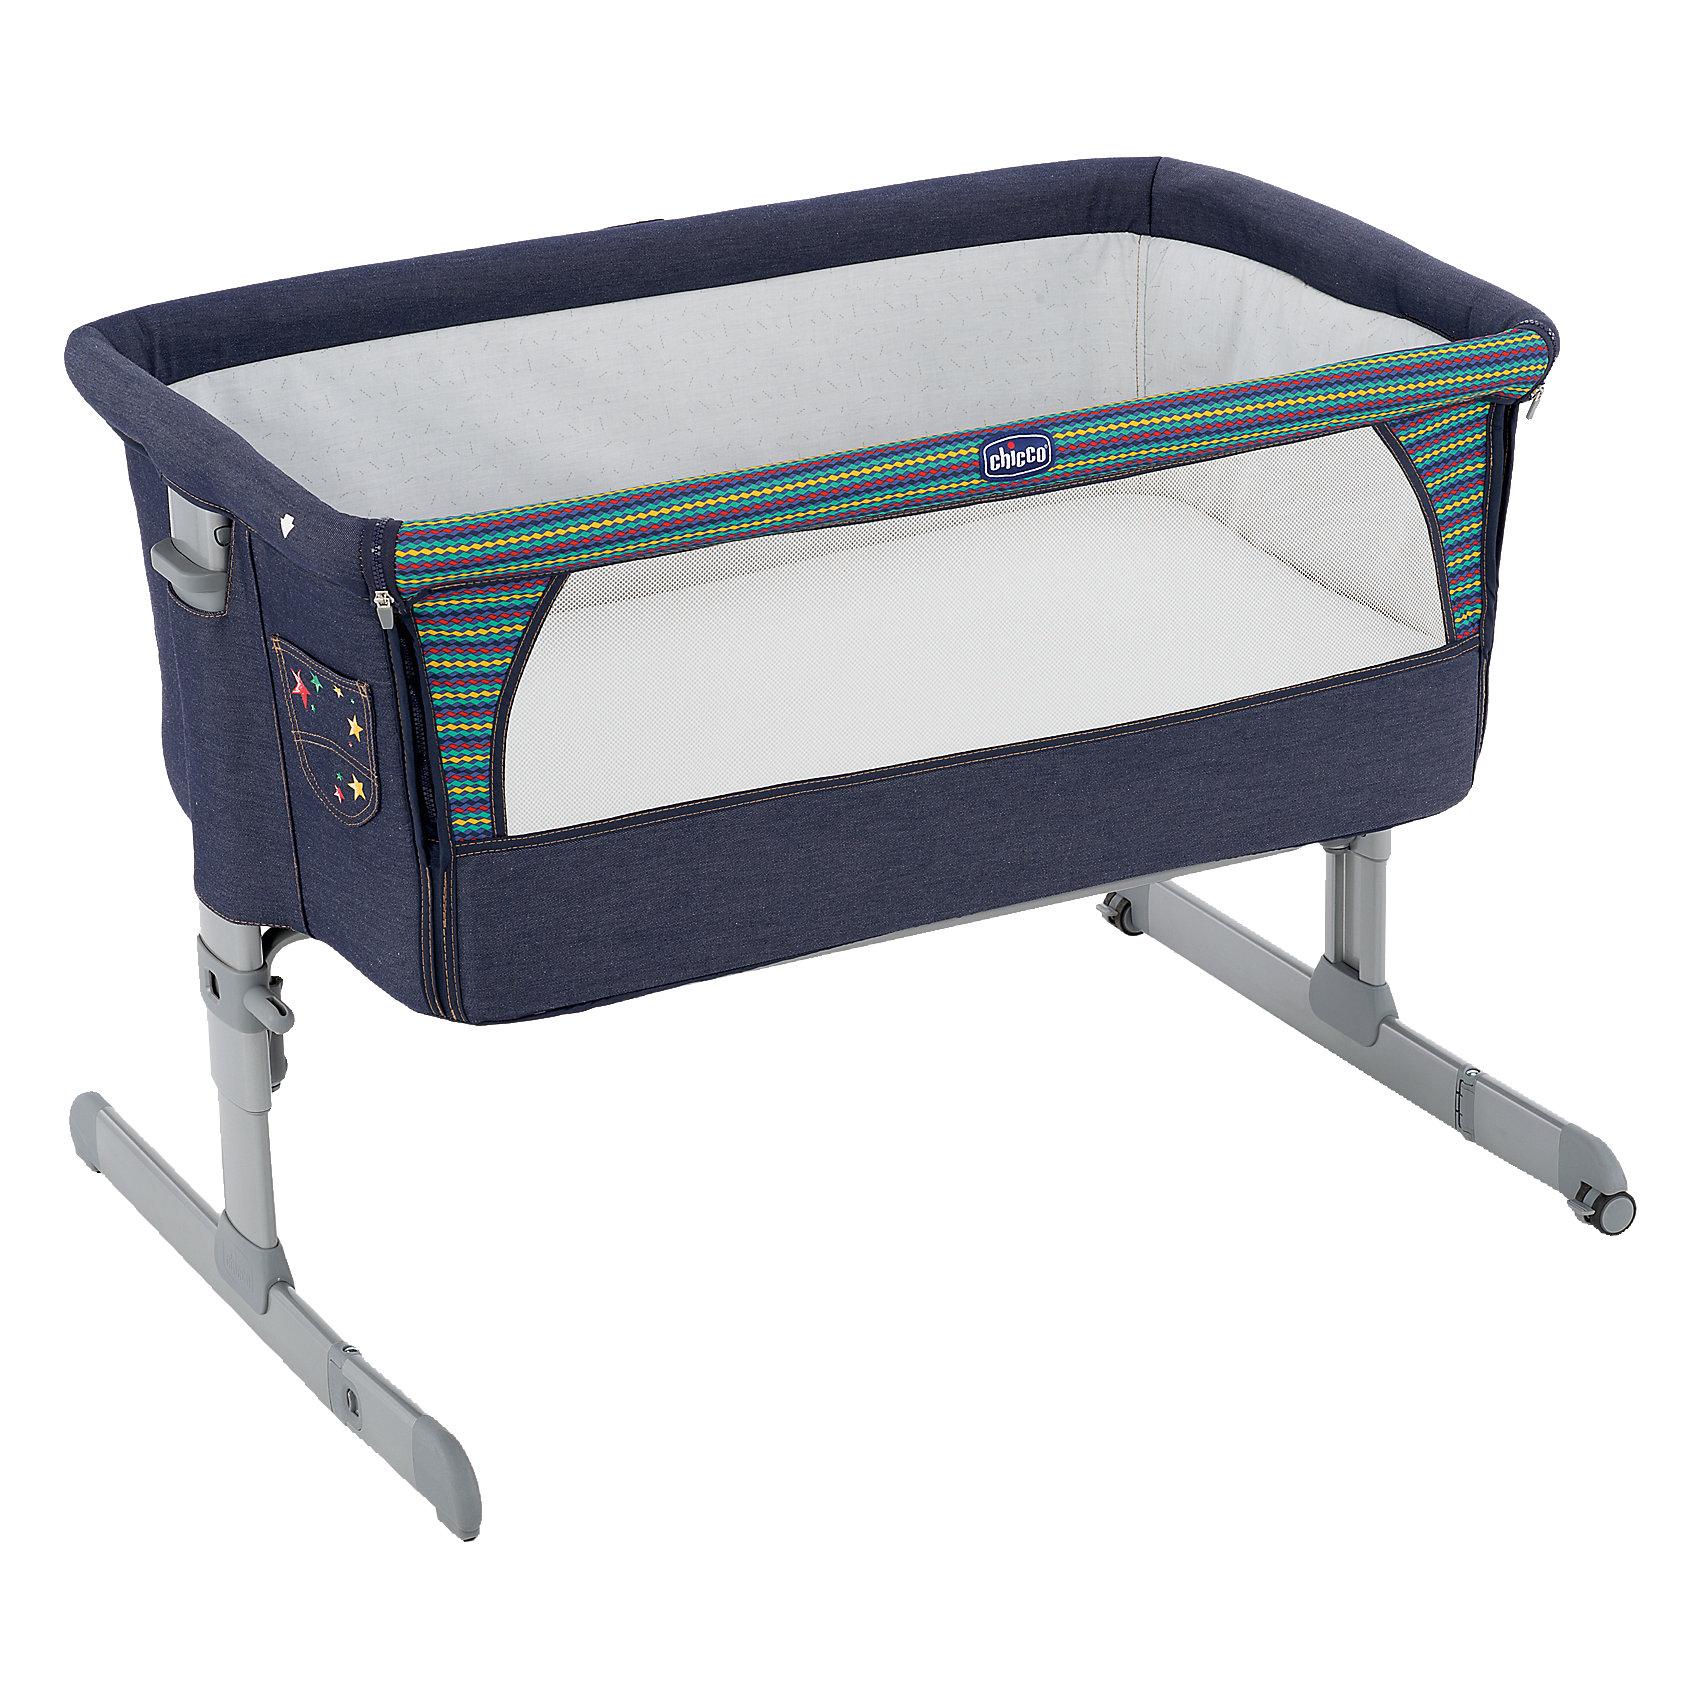 Кроватка Next2me, Chicco, denimКолыбели, люльки<br>Практичная и безопасная функциональная кроватка от Chicco - идеальный вариант для малышей и их родителей. Кровать имеет безопасную систему крепления к кровати родителей и позволяет вам спать рядом с малышом, находясь при этом каждый на своей территории. Боковой бортик очень быстро отстегивается, мягкие стенки дают малышу чувства покоя и уюта. Прочная металлическая основа делает кровать практичной и долговечной. Для наибольшего комфорта ребенка кровать оснащена мягким матрасиком и сетчатыми вставками для вентиляции. <br><br>Дополнительная информация:<br><br>- Материал: пластик, текстиль.<br>- Размер: 66/81 x 93 x 69 см.<br>- Размер в сложенном виде: 95 x 15 см.<br>- Вес: 9 кг.<br>- Отстегивающийся бортик.<br>- Удобный матрас.<br>- Вставки из сетки для циркуляции воздуха. <br>- Высота регулируется. <br>- Крепится к кровати в помощью двух ремней. <br>- Максимальный вес ребенка: 9 кг. <br><br>Внимание! Основным является первое фото, последующие фотографии размещены с целью показать функционал данной модели.<br><br>Функциональную кроватку Next2me Denim, Chicco (Чикко), можно купить в нашем магазине.<br><br>Ширина мм: 945<br>Глубина мм: 600<br>Высота мм: 150<br>Вес г: 10300<br>Цвет: синий<br>Возраст от месяцев: 0<br>Возраст до месяцев: 6<br>Пол: Унисекс<br>Возраст: Детский<br>SKU: 4449674